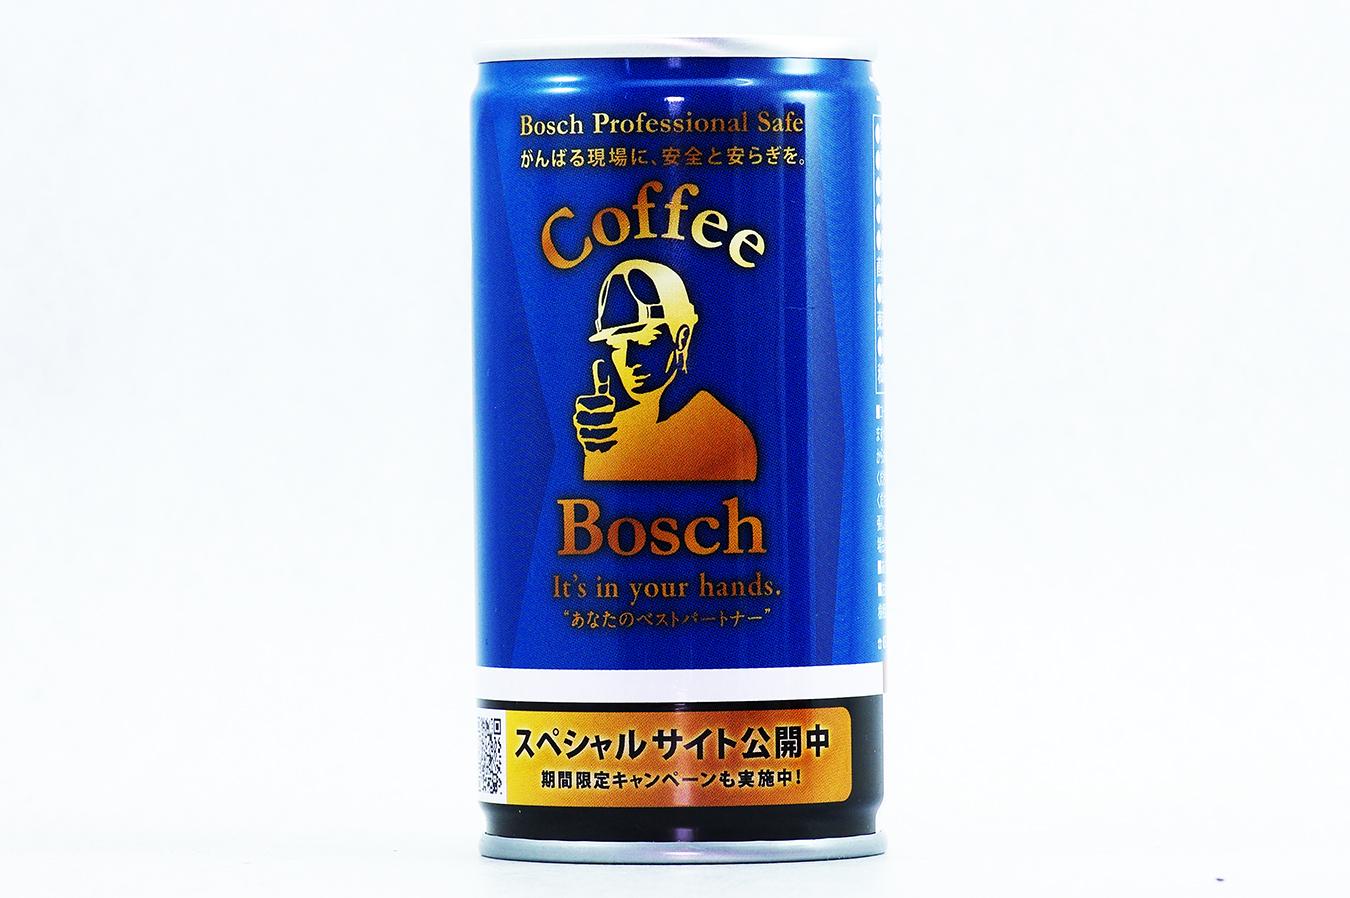 コーヒー ボッシュ 表面 2017年12月